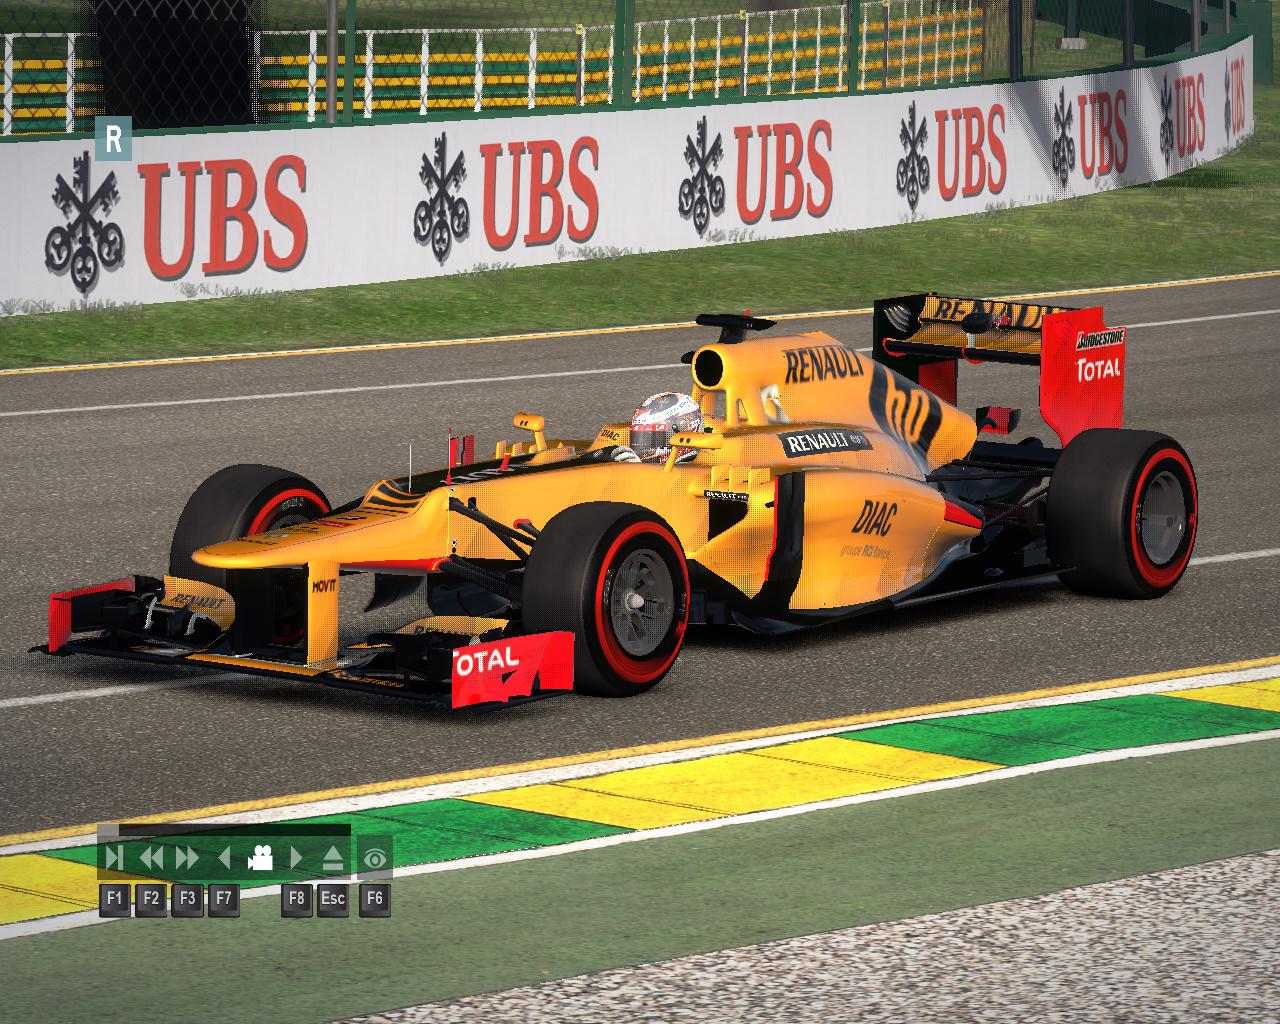 F1_2013 2014-01-09 10-01-57-574.jpg